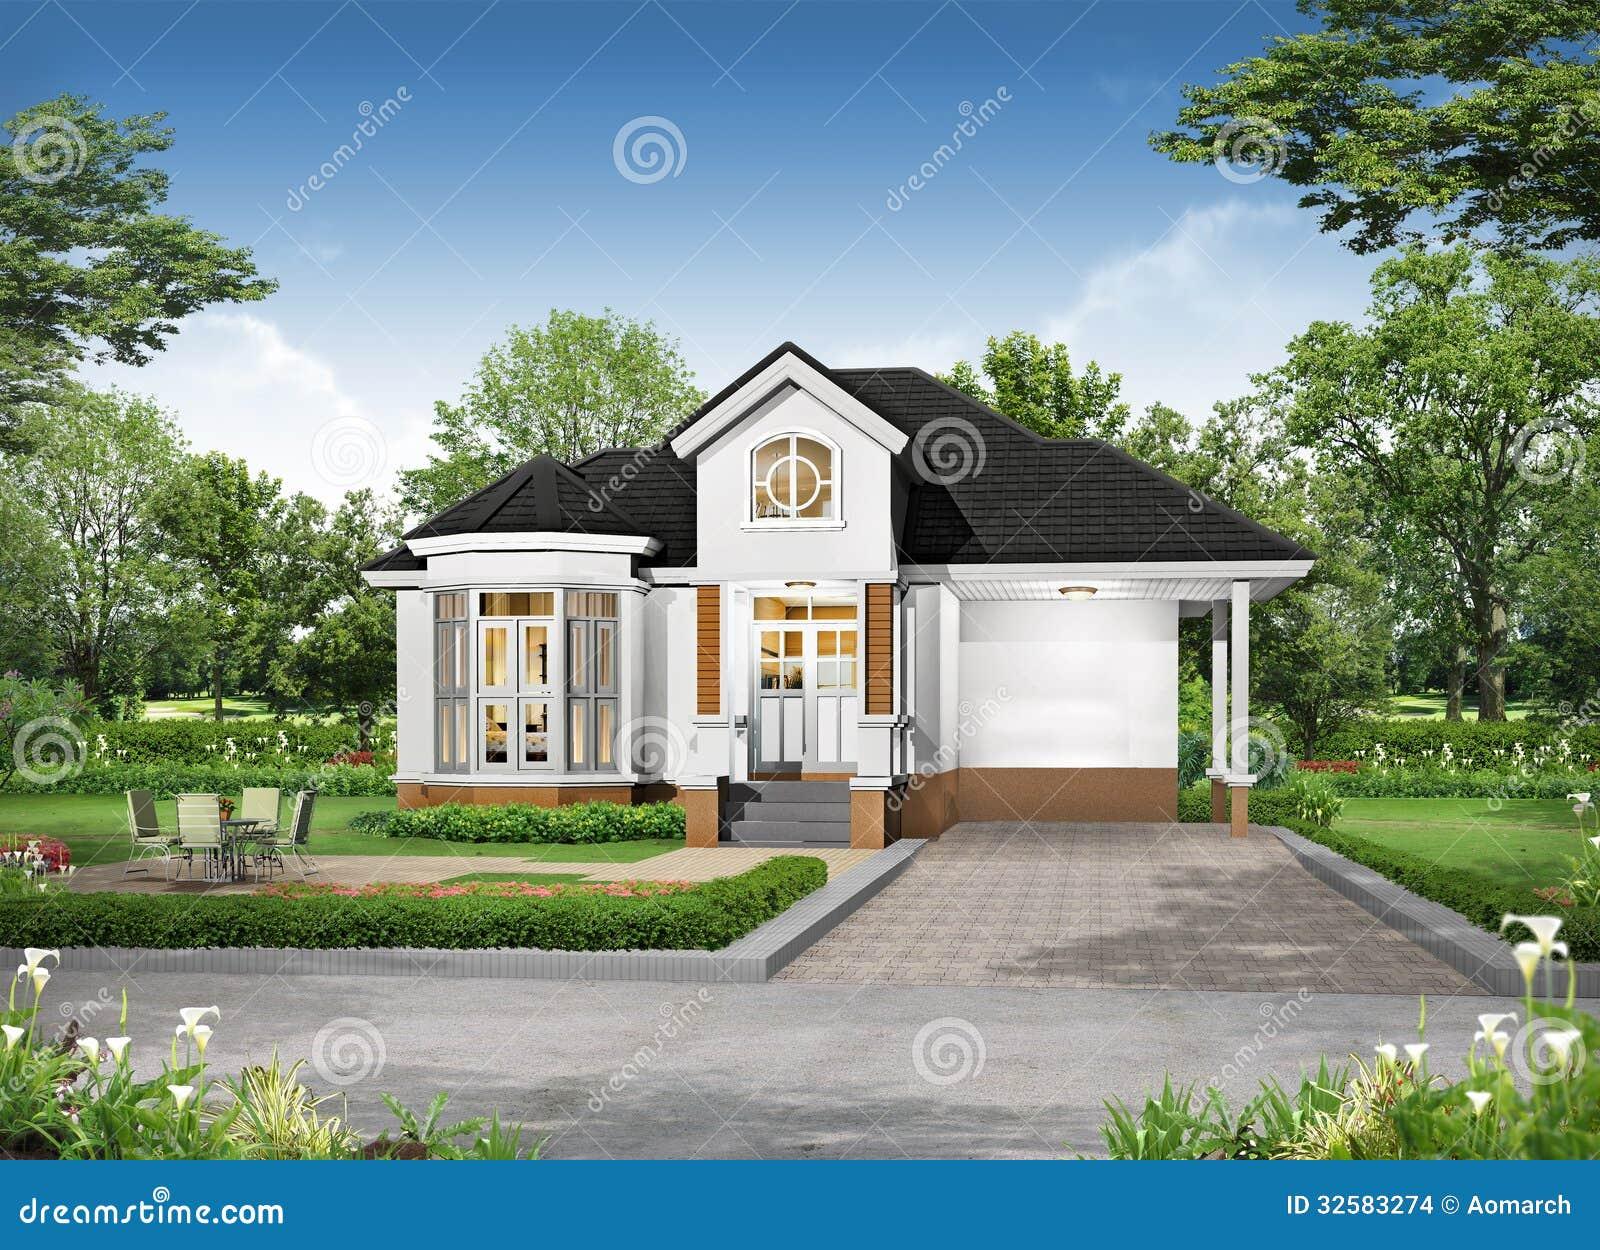 Rappresentazione 3d dell 39 esterno tropicale della casa for Rendering casa gratis